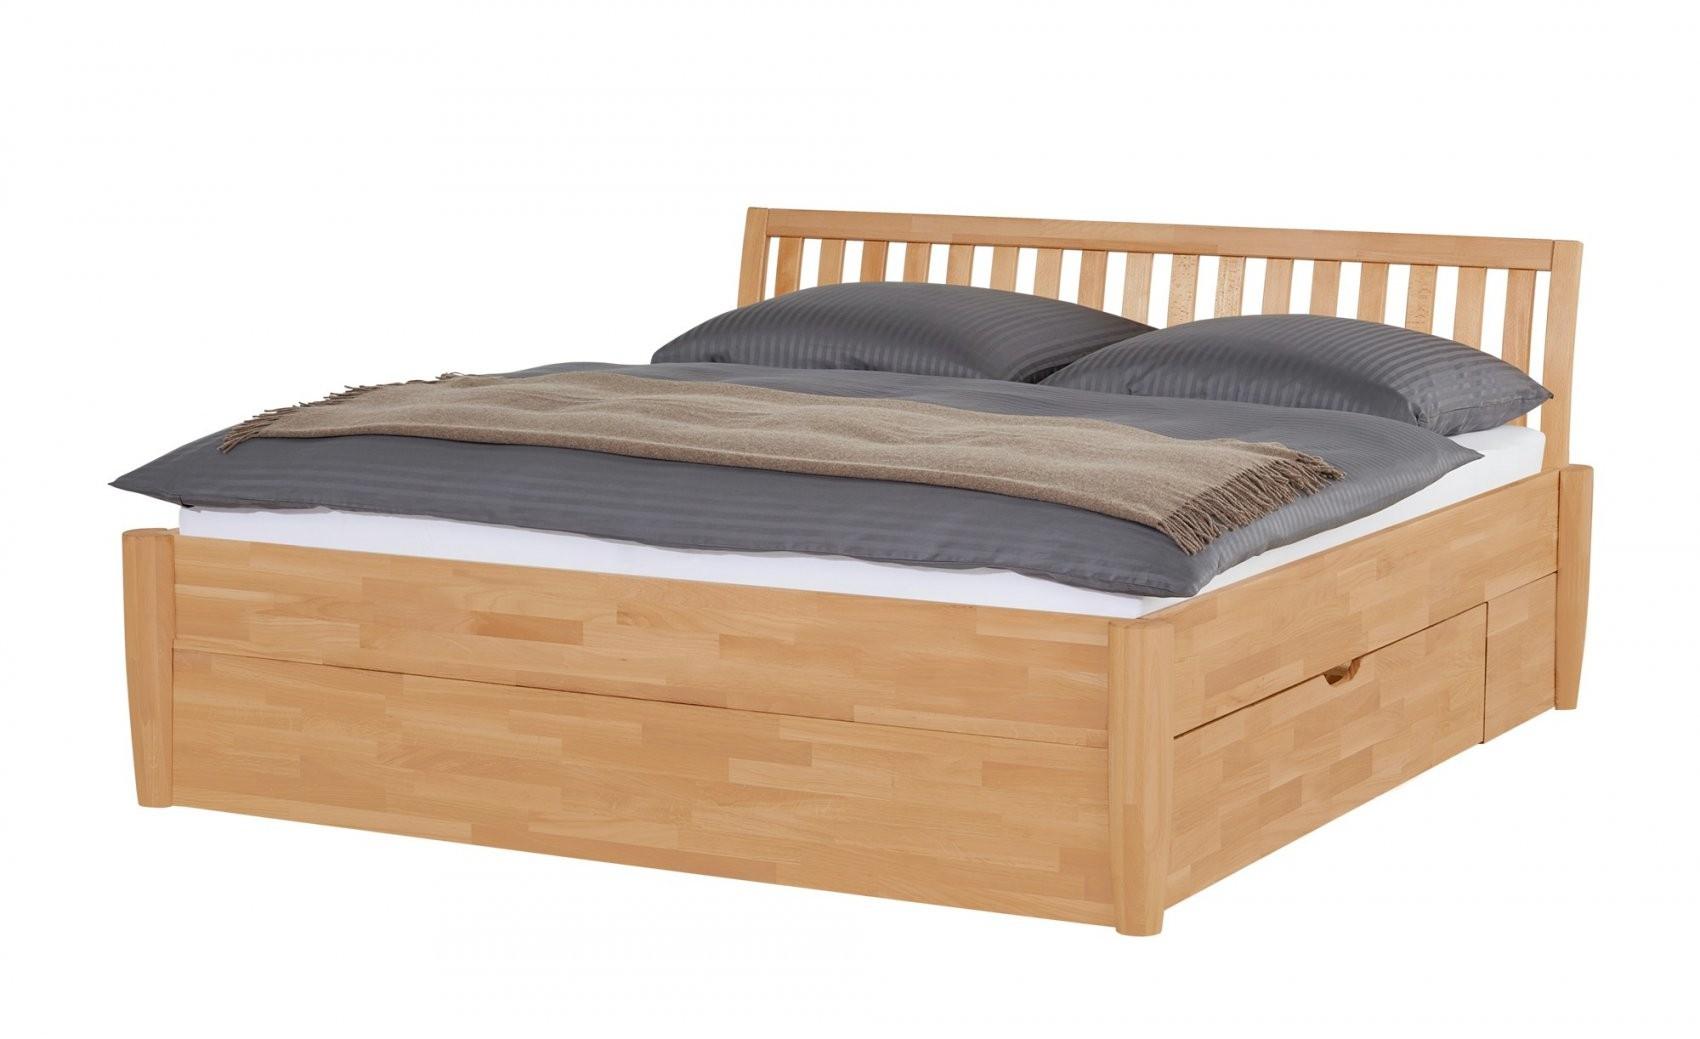 Massivholzbettgestell 160X200  Buche Timber  160 Cm Buche von Bett 160X200 Massivholz Bild